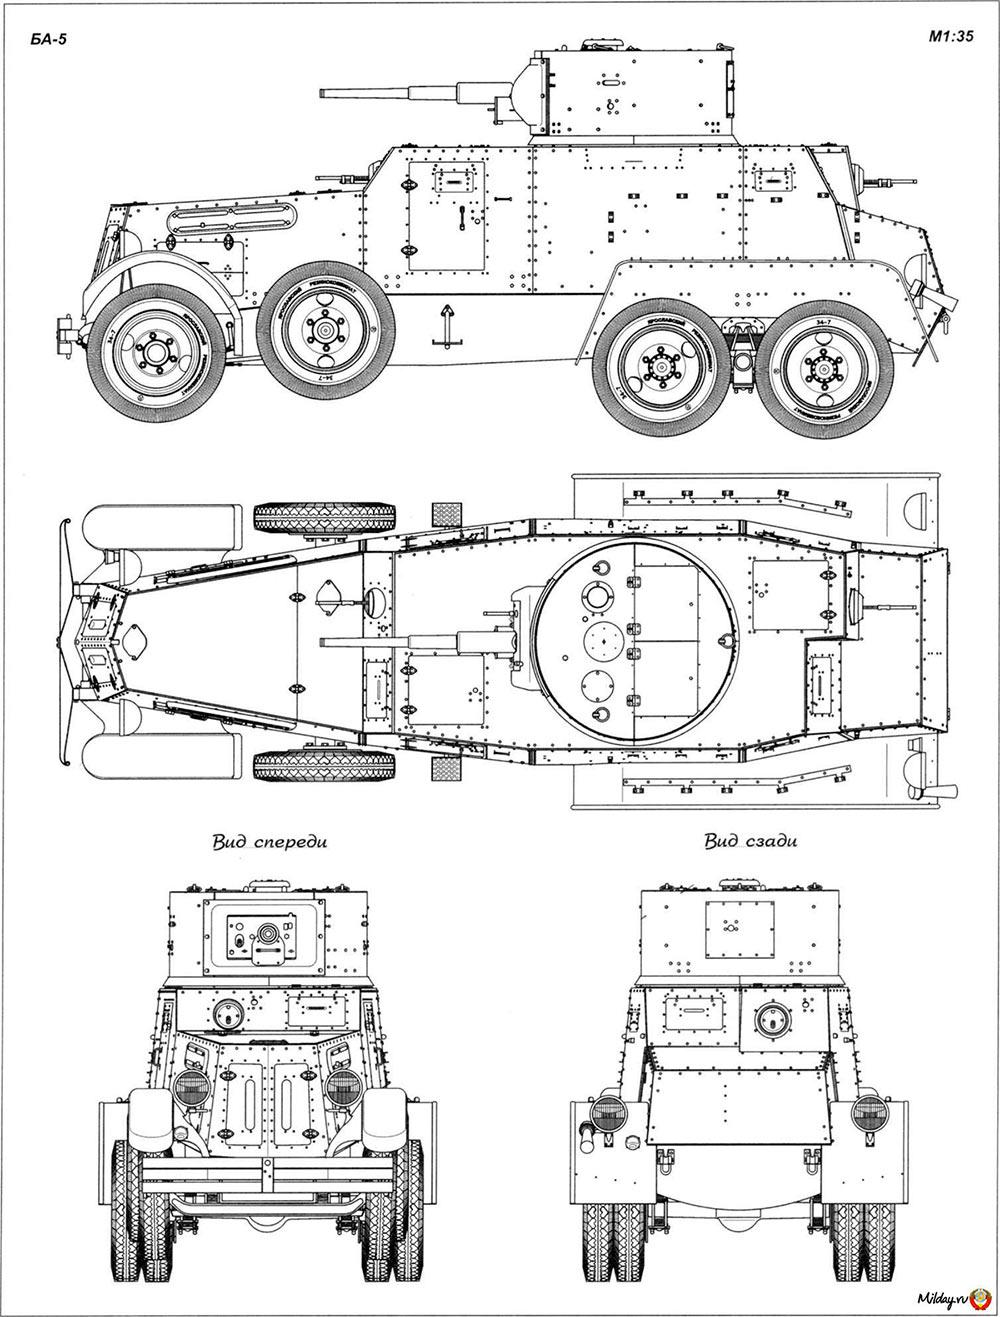 Чертеж тяжелого бронеавтомобиля БА-5